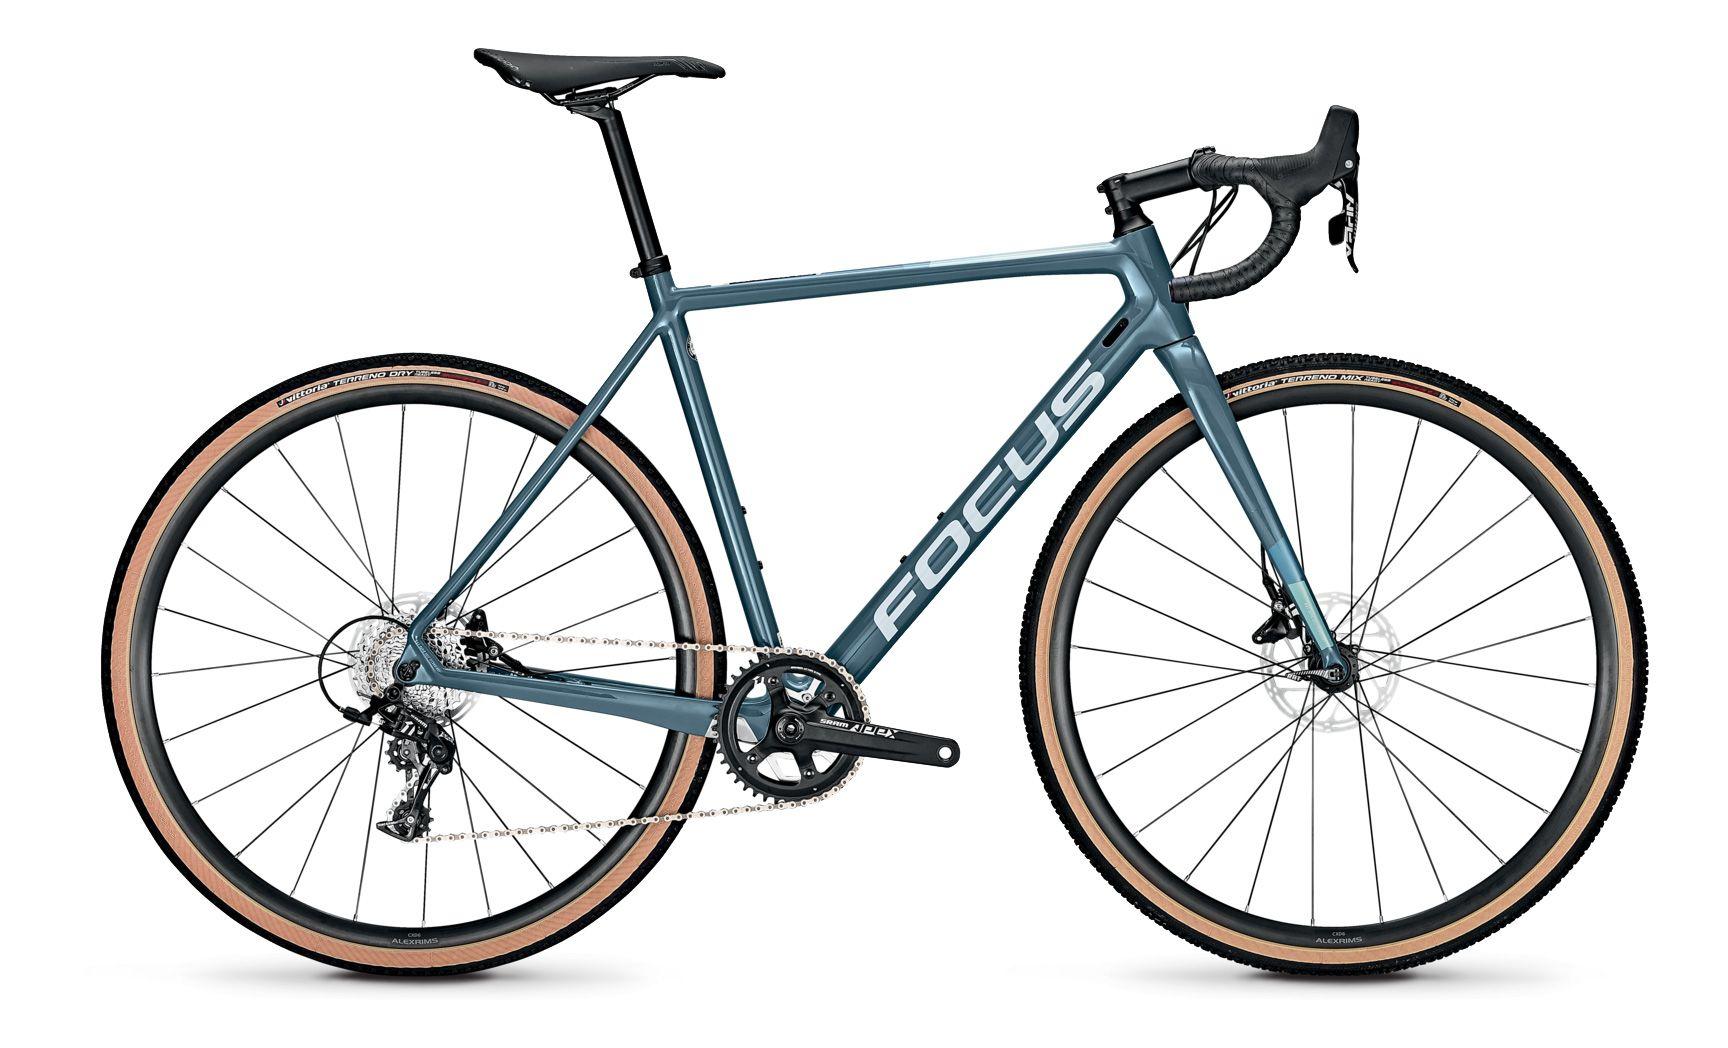 Focus Mares Al - Shimano 105 - Broad Street Cycles